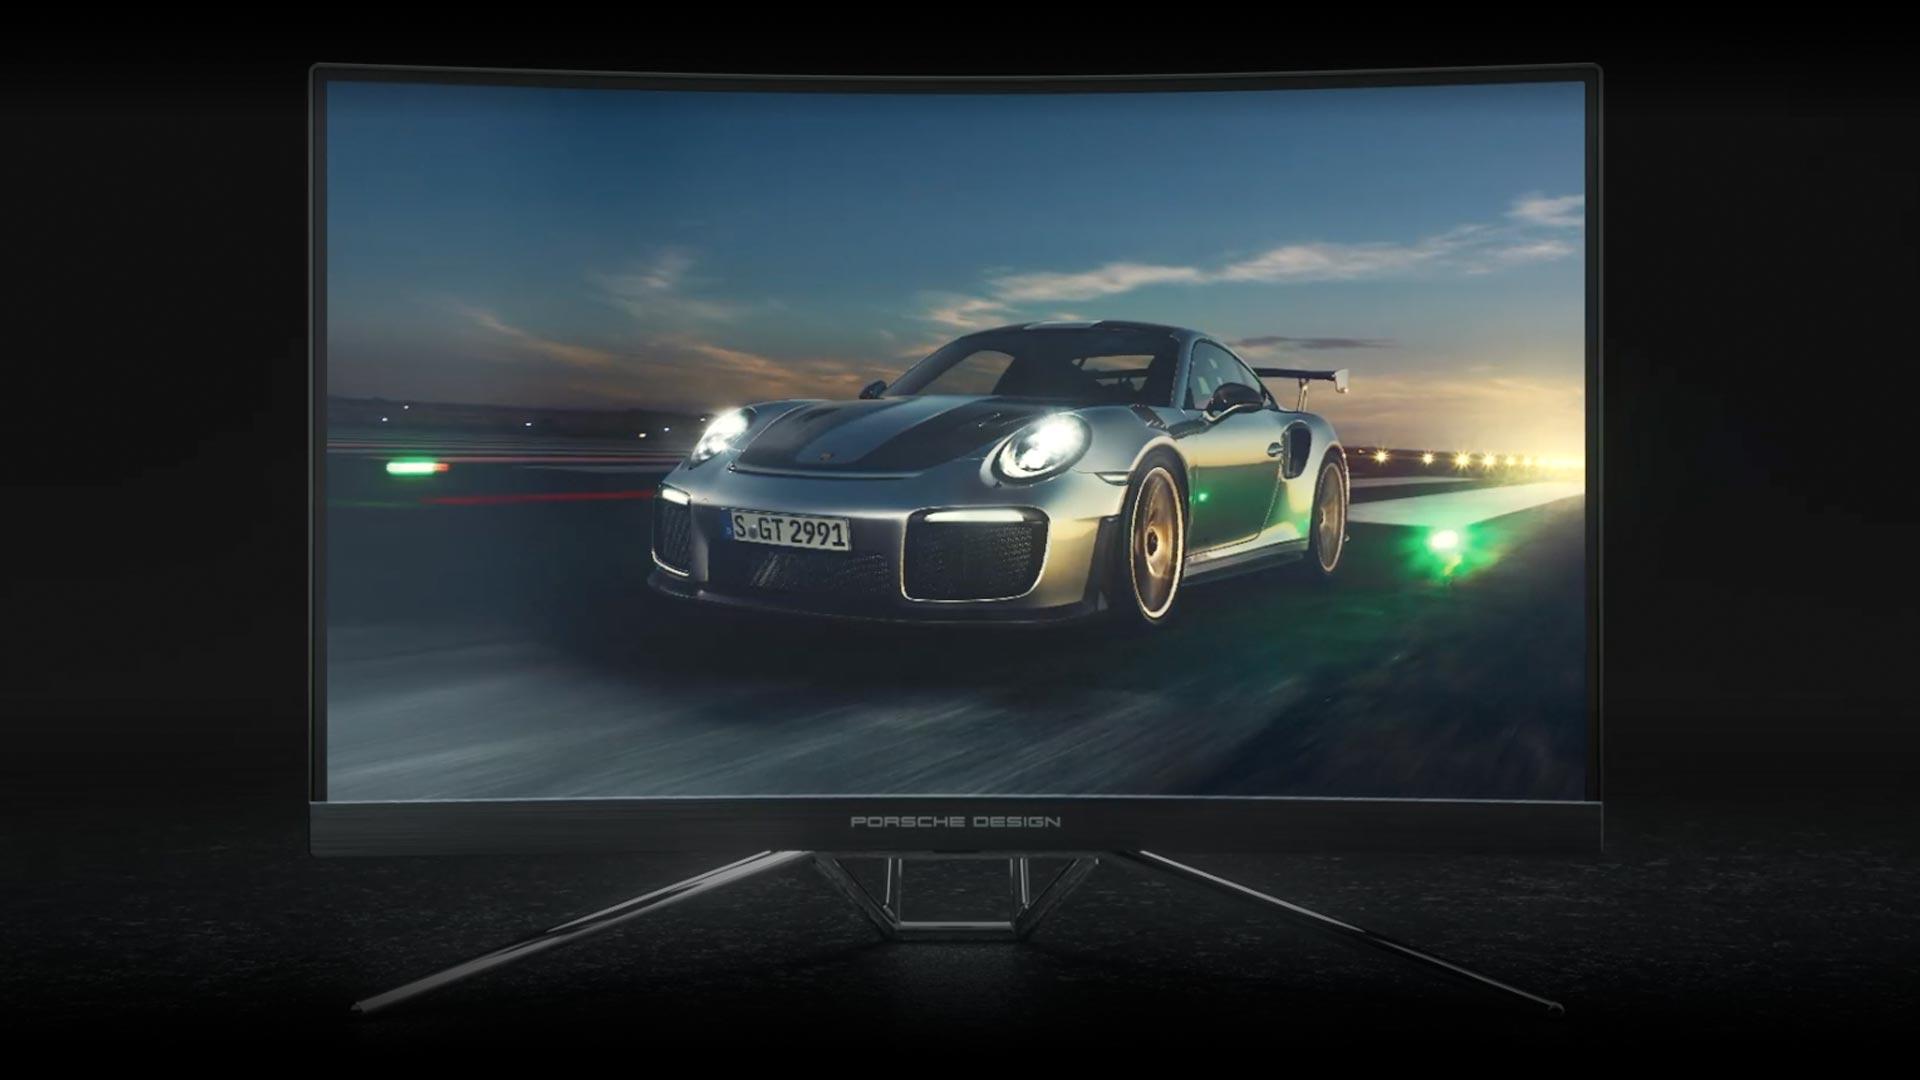 Porsche Design AOC AGON PD27: Závodní designový monitor s 240 Hz